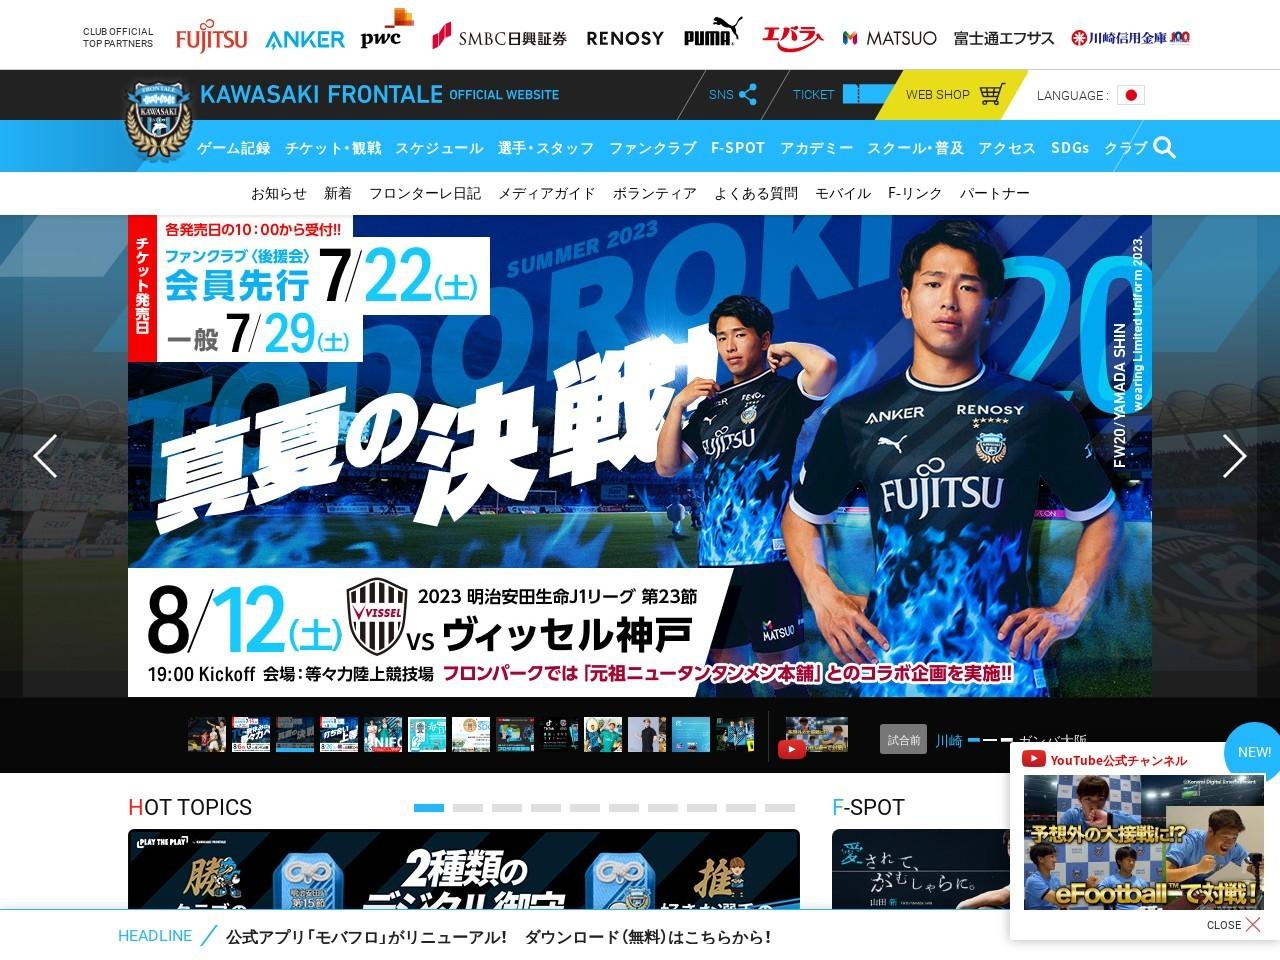 http://www.frontale.co.jp/profile/2006/mem_08.html